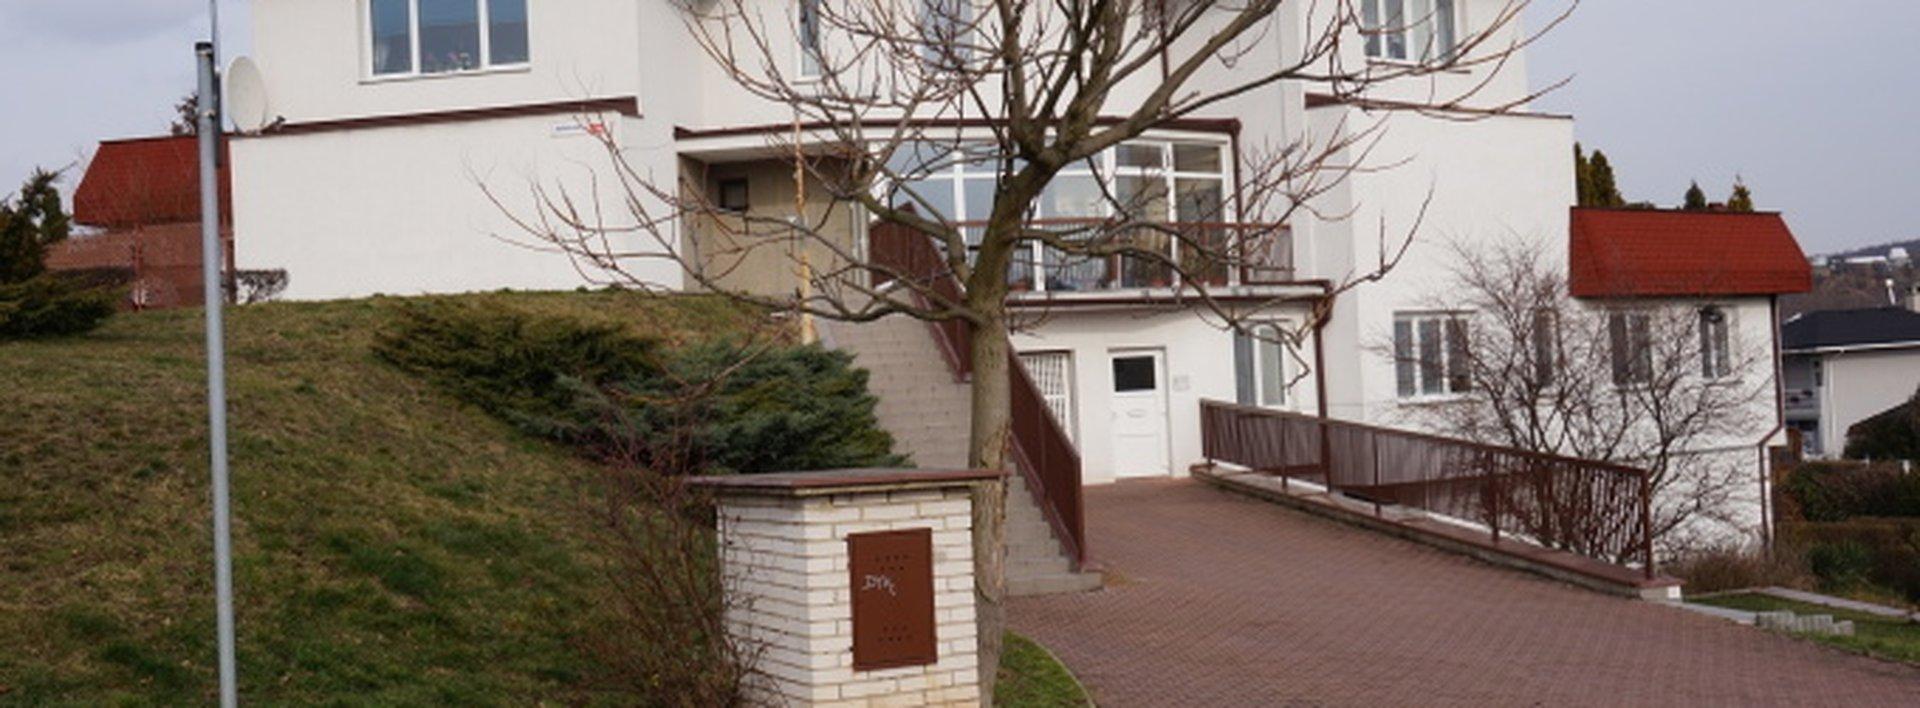 Prodej bytu Teplice - Bořivojova 4+1,  se zahradou, terasou a garáží cca. 200m2, Ev.č.: N47593